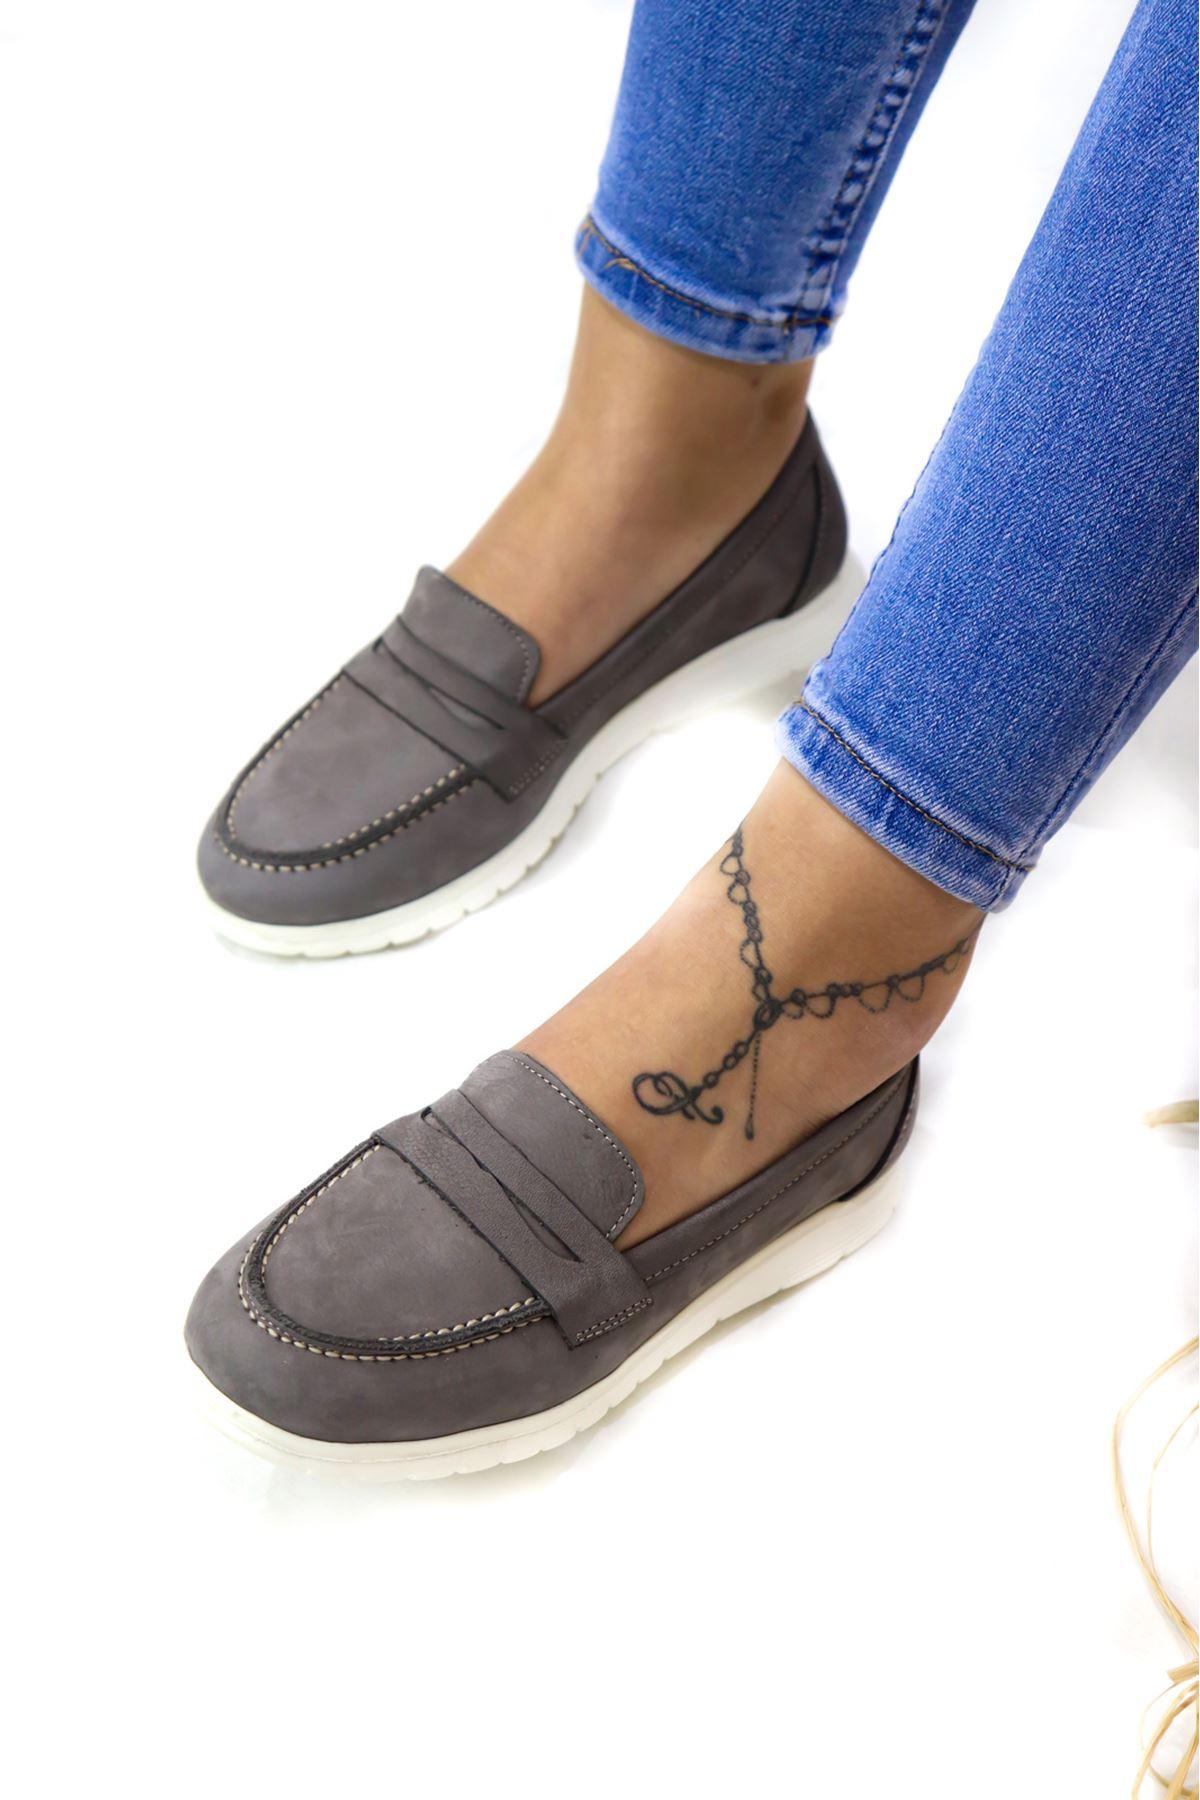 Trendayakkabı - 405 CMF - Grey Nubuk Kadın Ayakkabısı